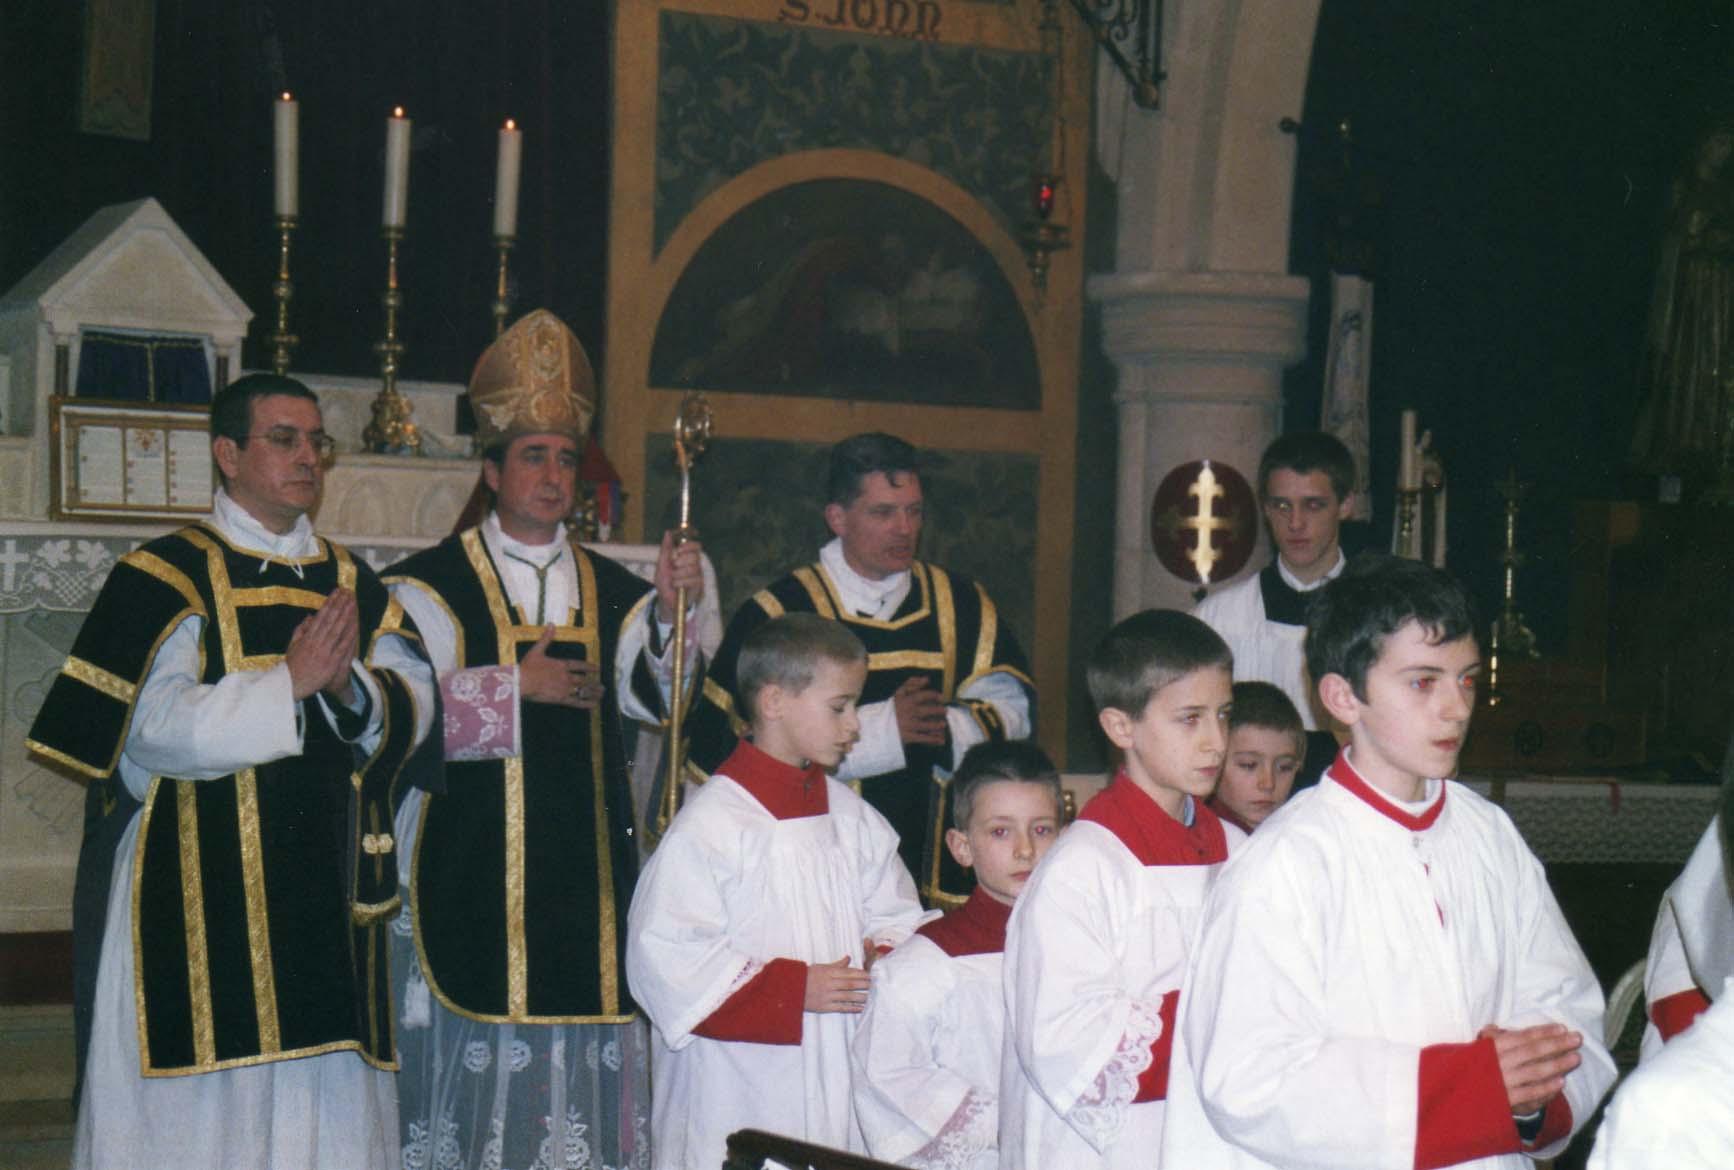 Mgr de Galarreta, l'abbé michel Maignant à sa droite,  et l'abbé Olivier Berteaux directeur de camblain à sa gauche.